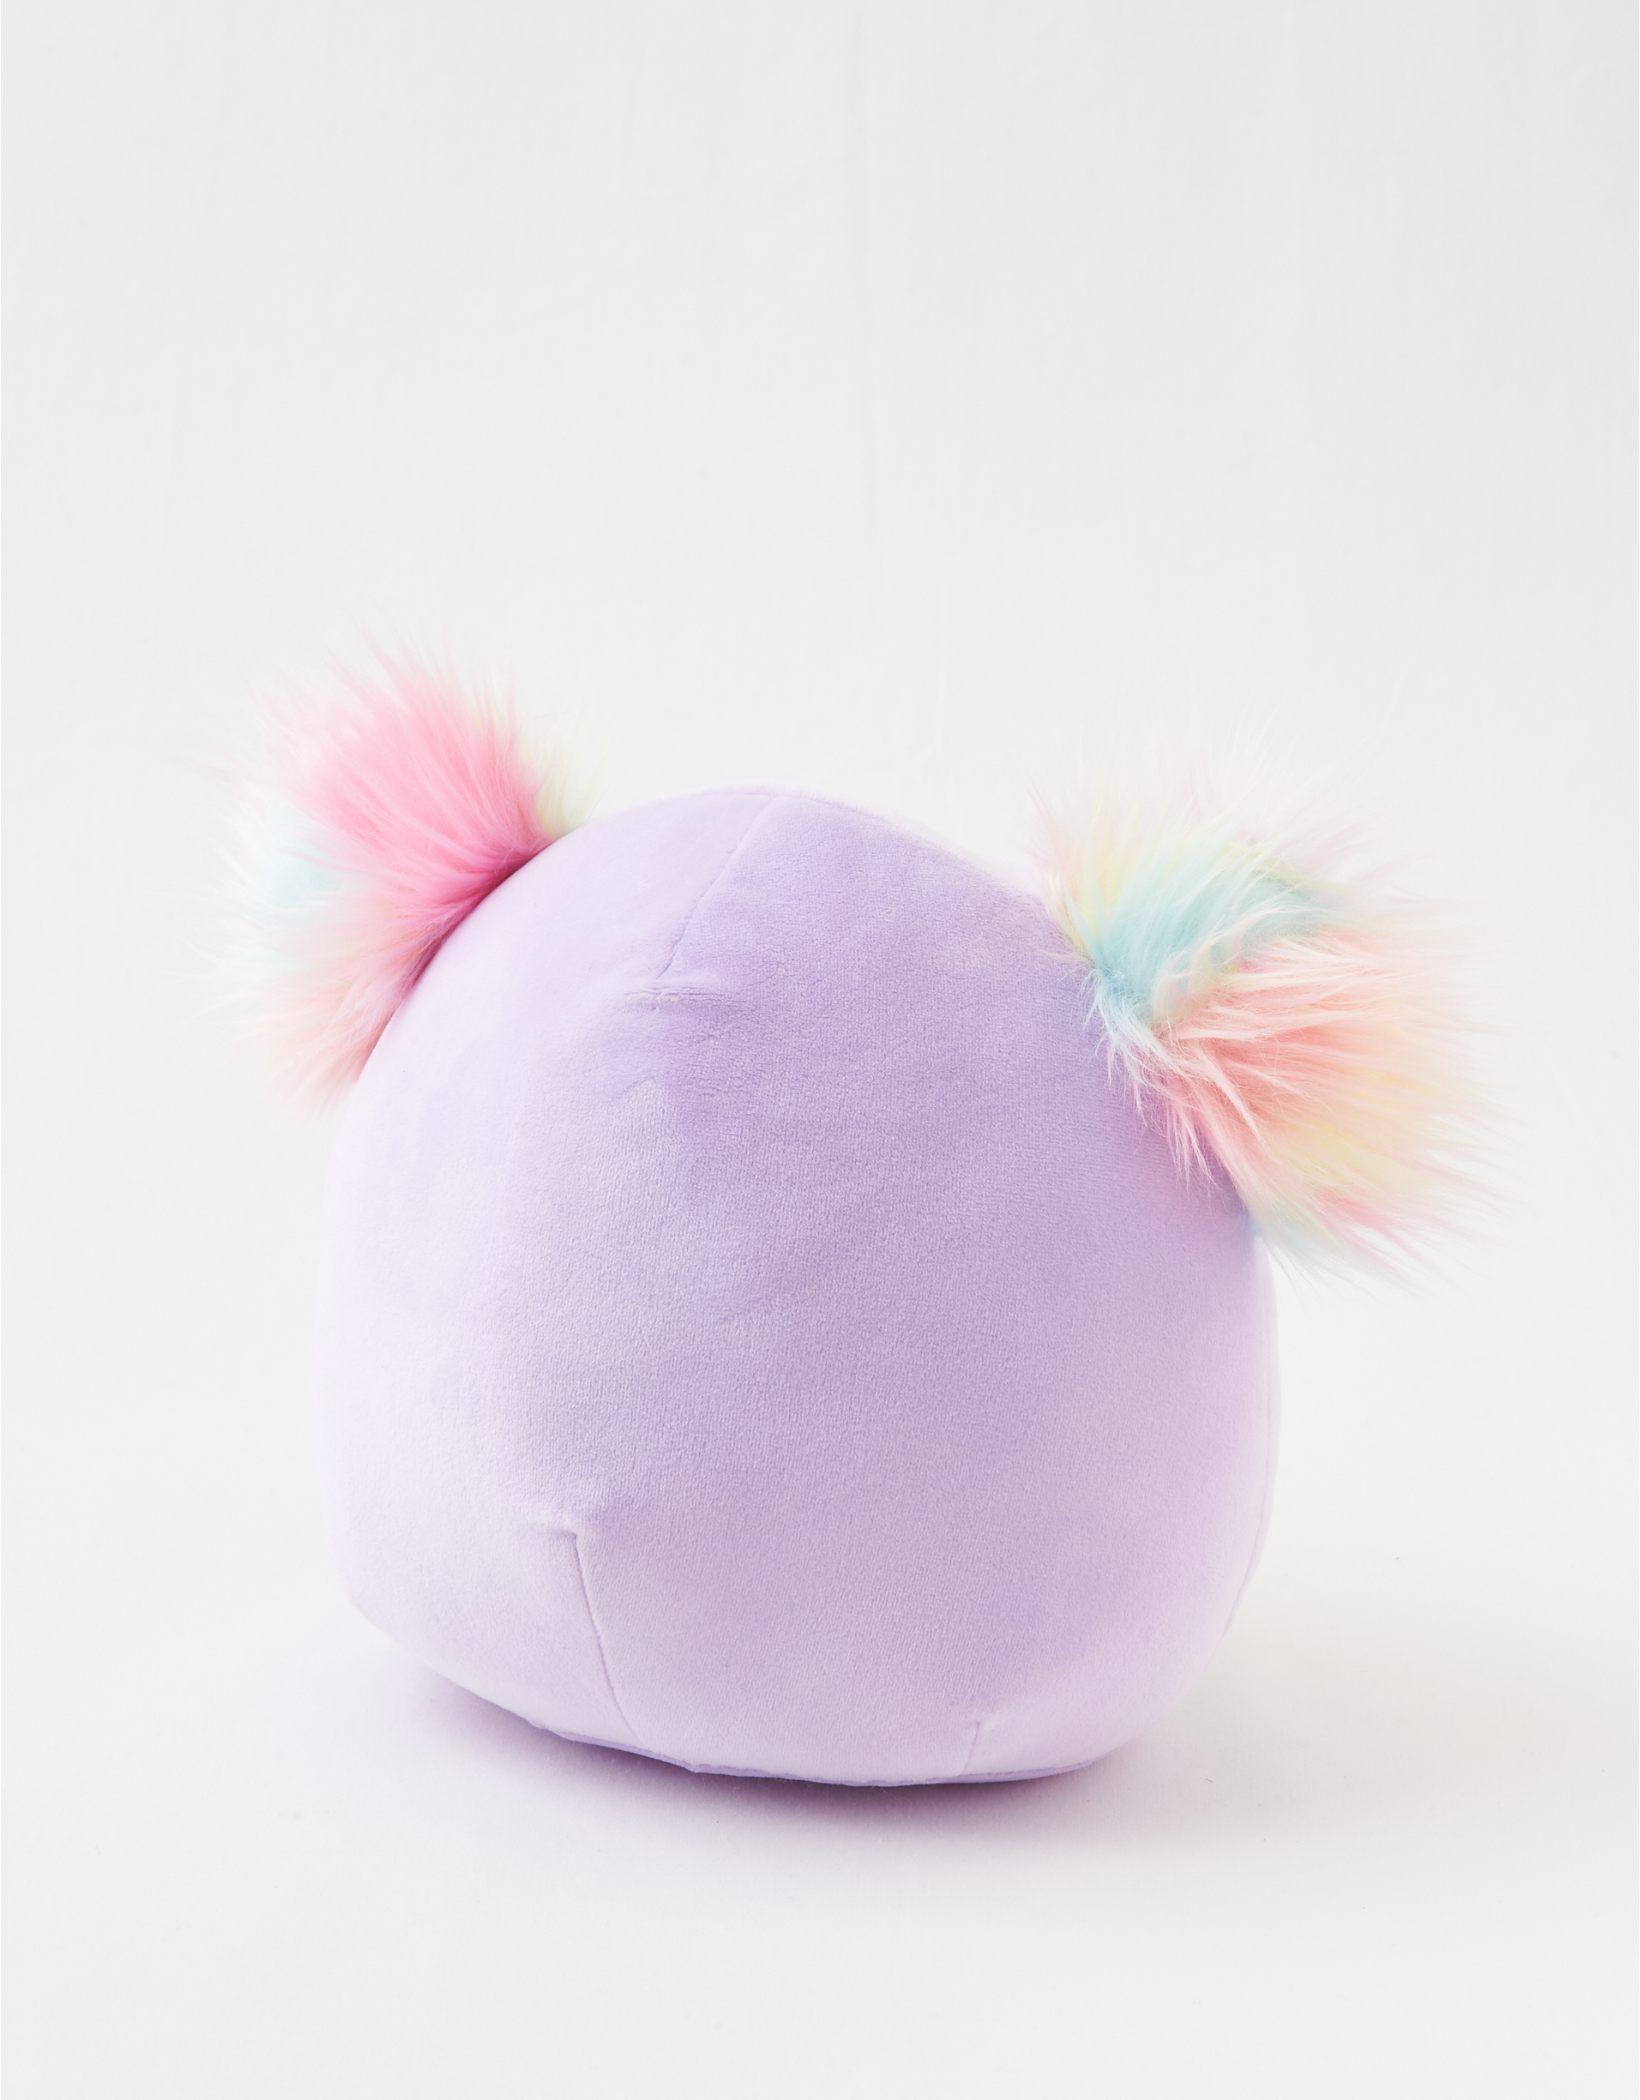 Squishmallow 8 in Plush Toy - Renata